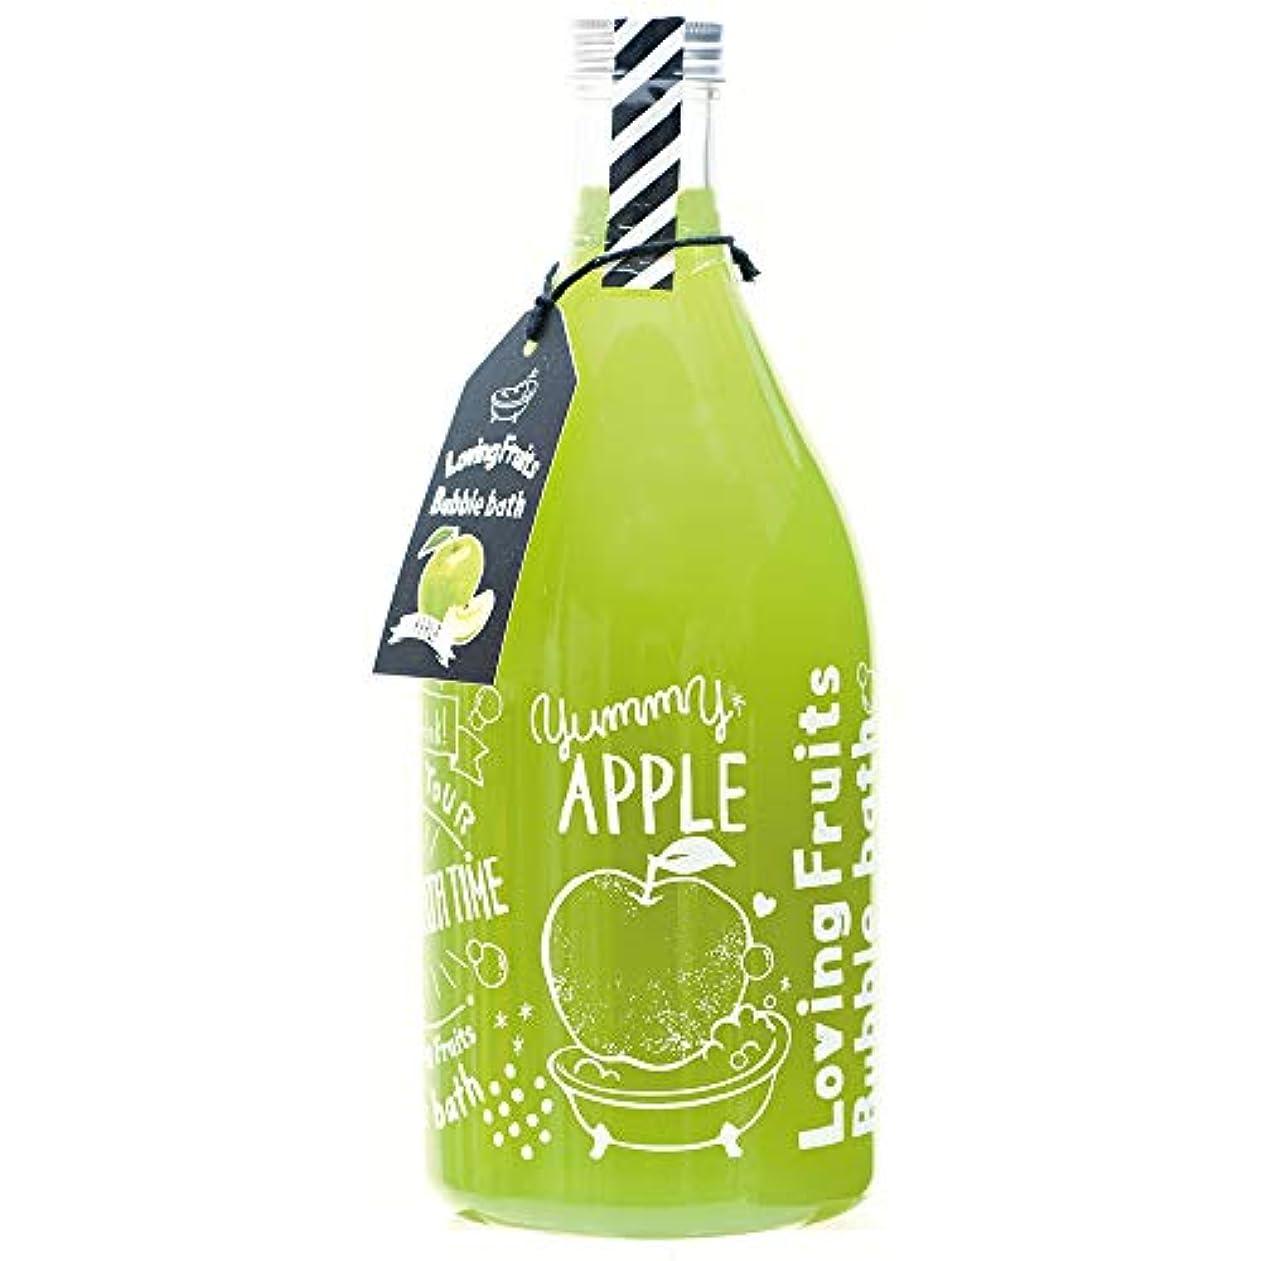 身元数値チラチラするノルコーポレーション バスジェル ラビングフルーツバブルバス OB-LFS-1-4 入浴剤 アップルの香り 750ml